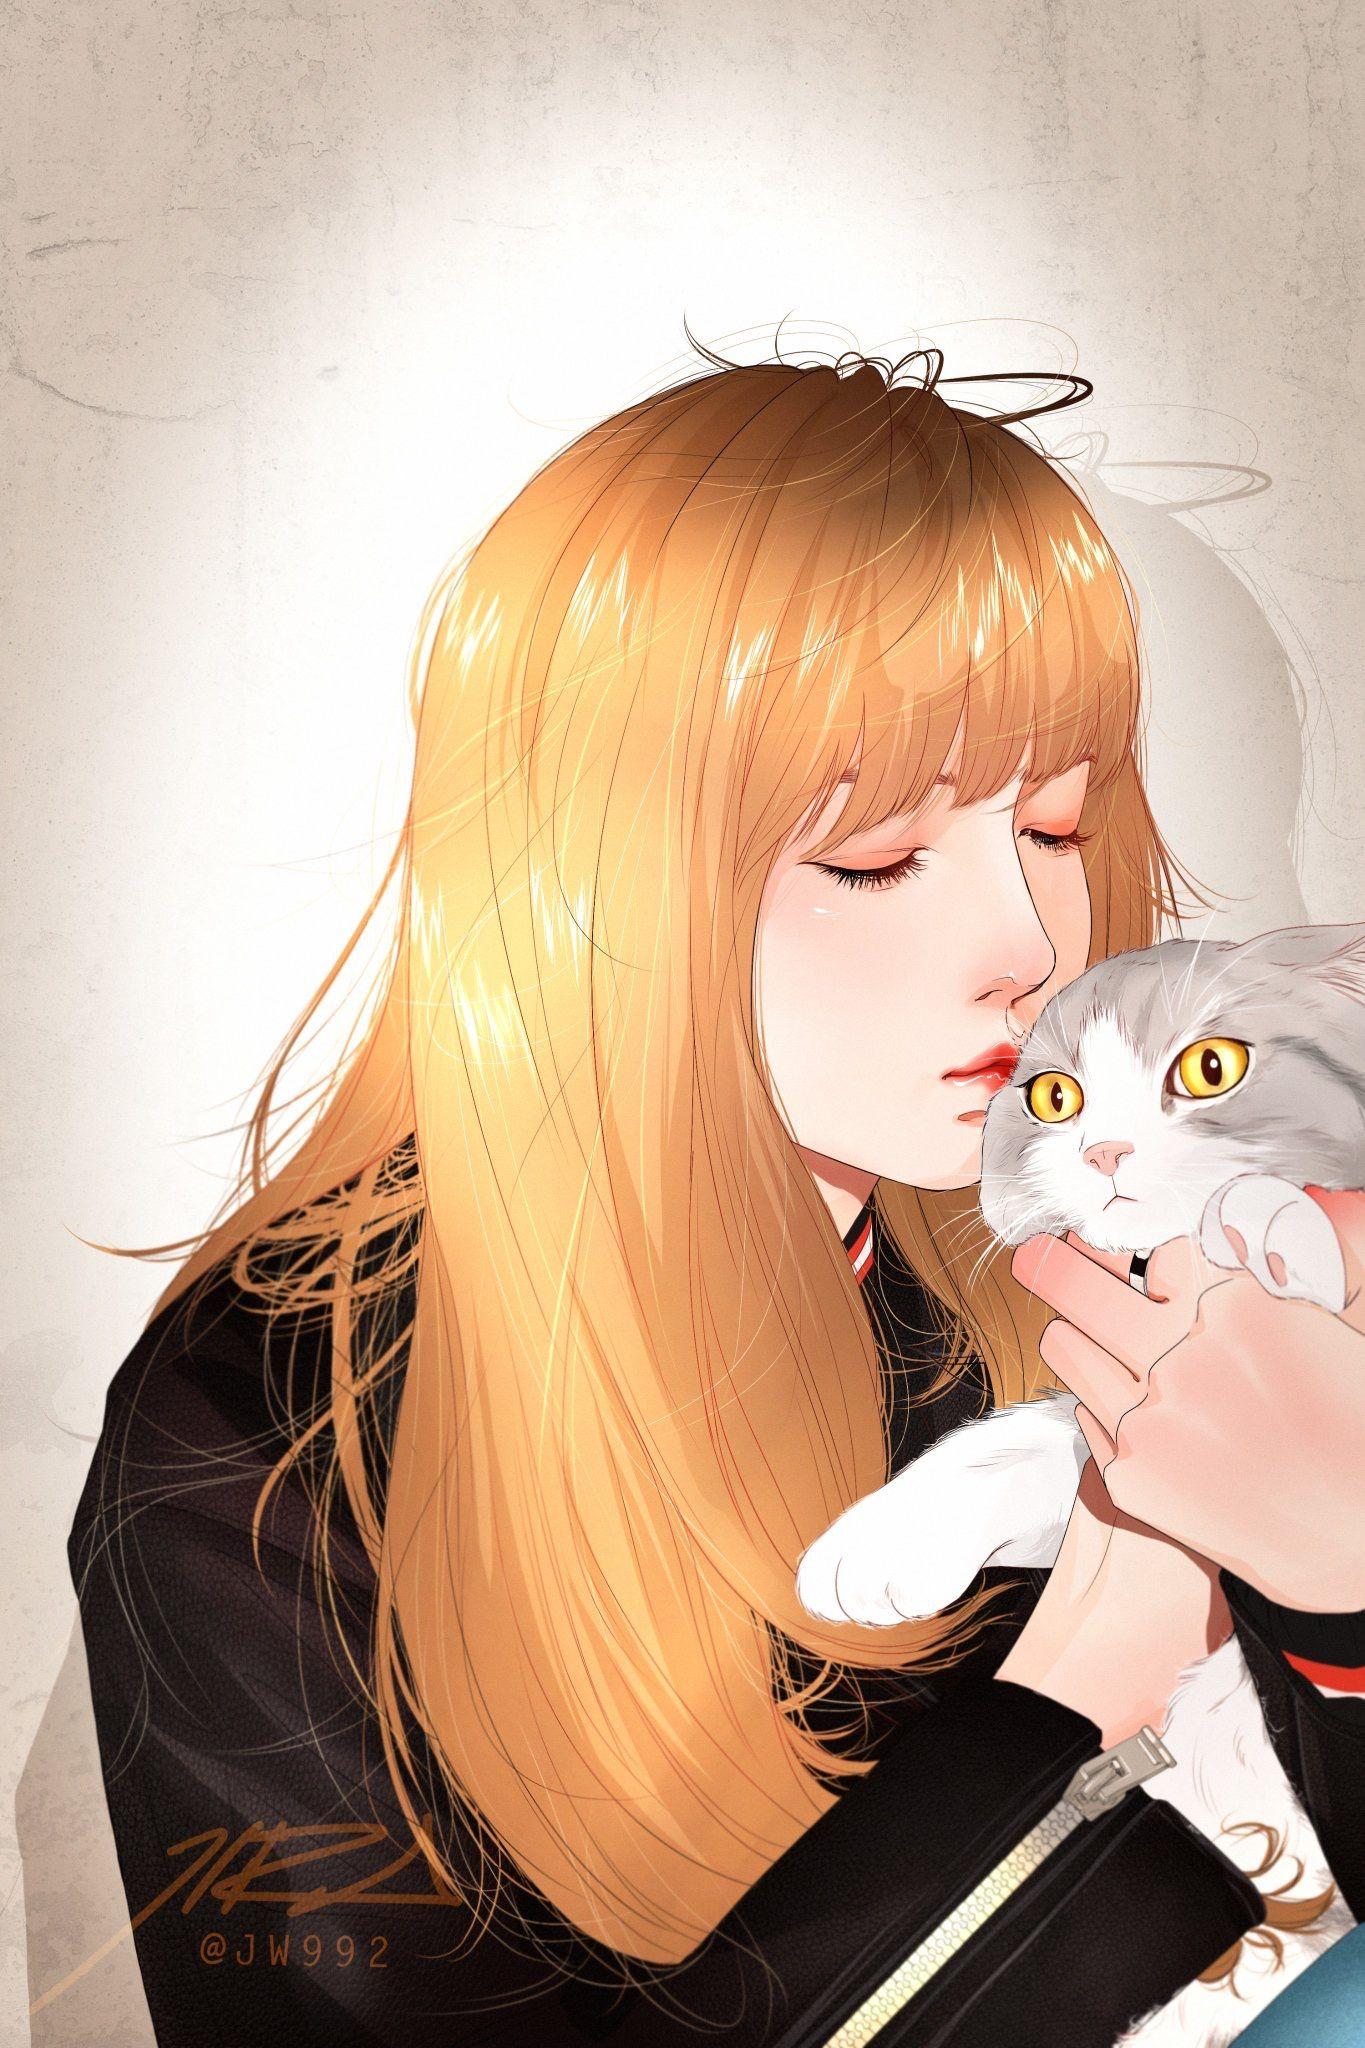 Pin oleh 제리 di BLACKPINK FANART Gambar manga, Fotografi